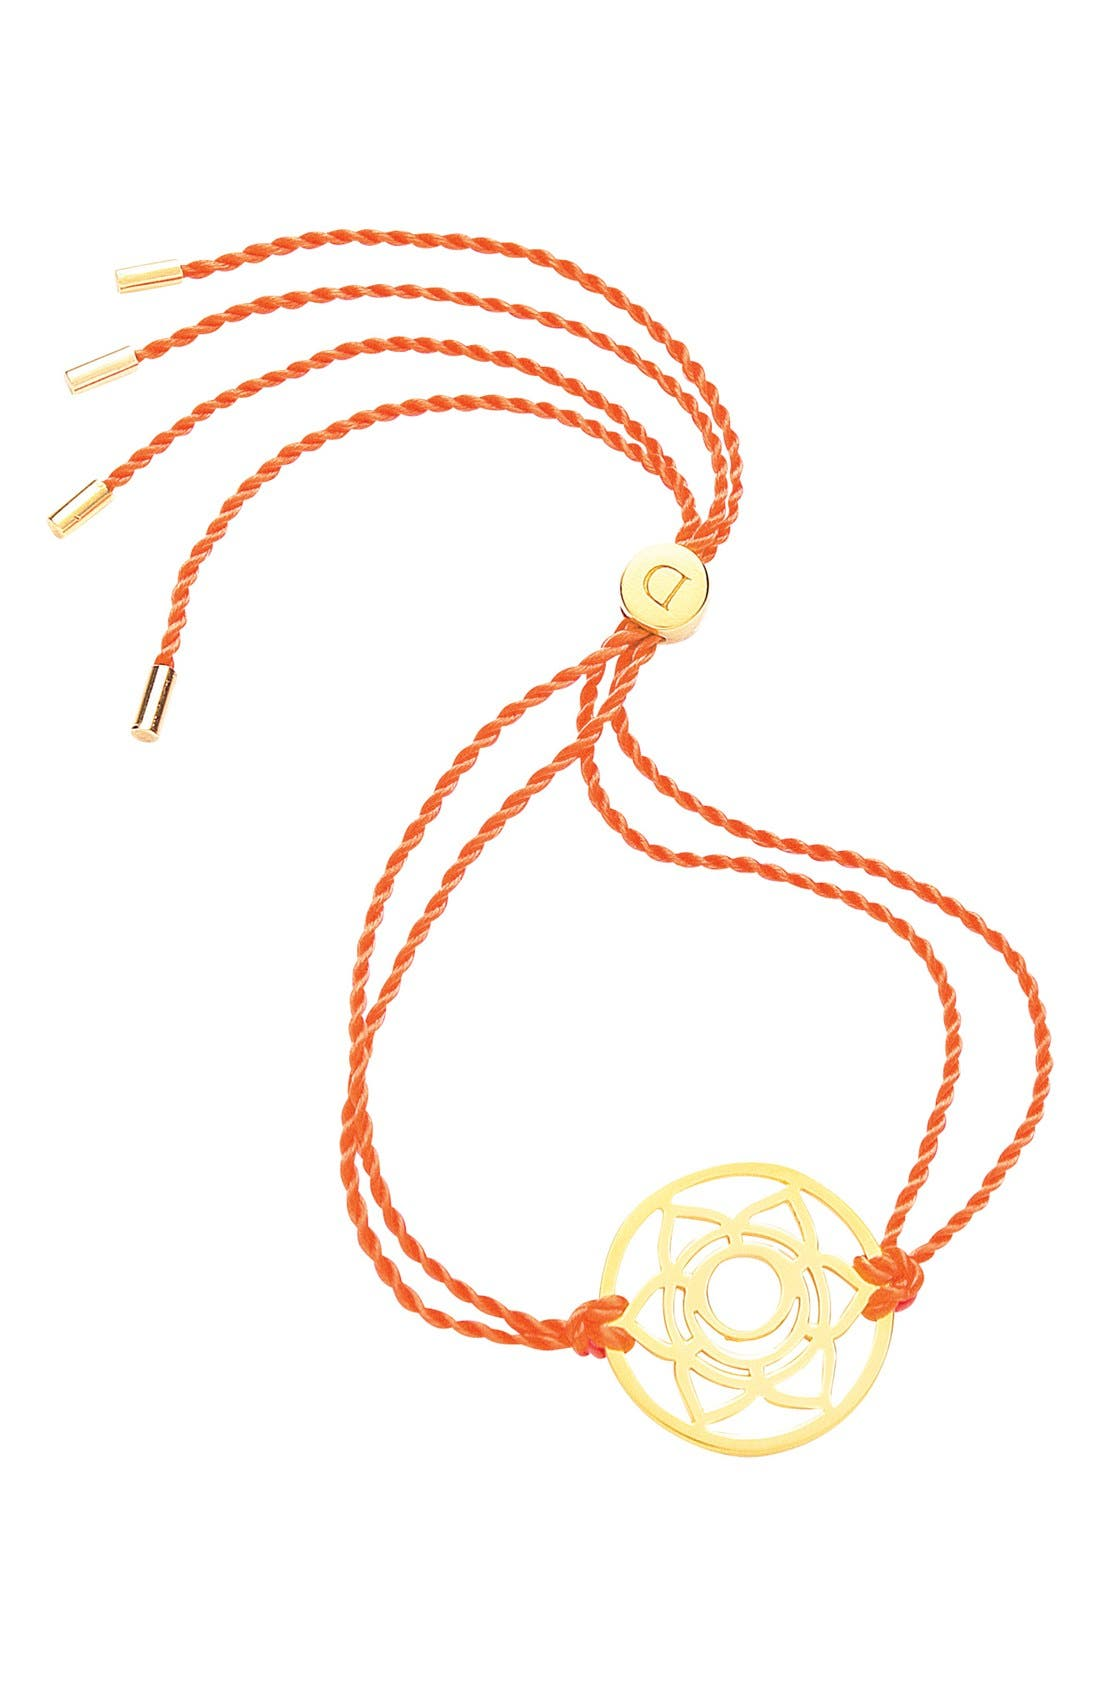 'Sacral Chakra' Cord Bracelet,                             Main thumbnail 1, color,                             800